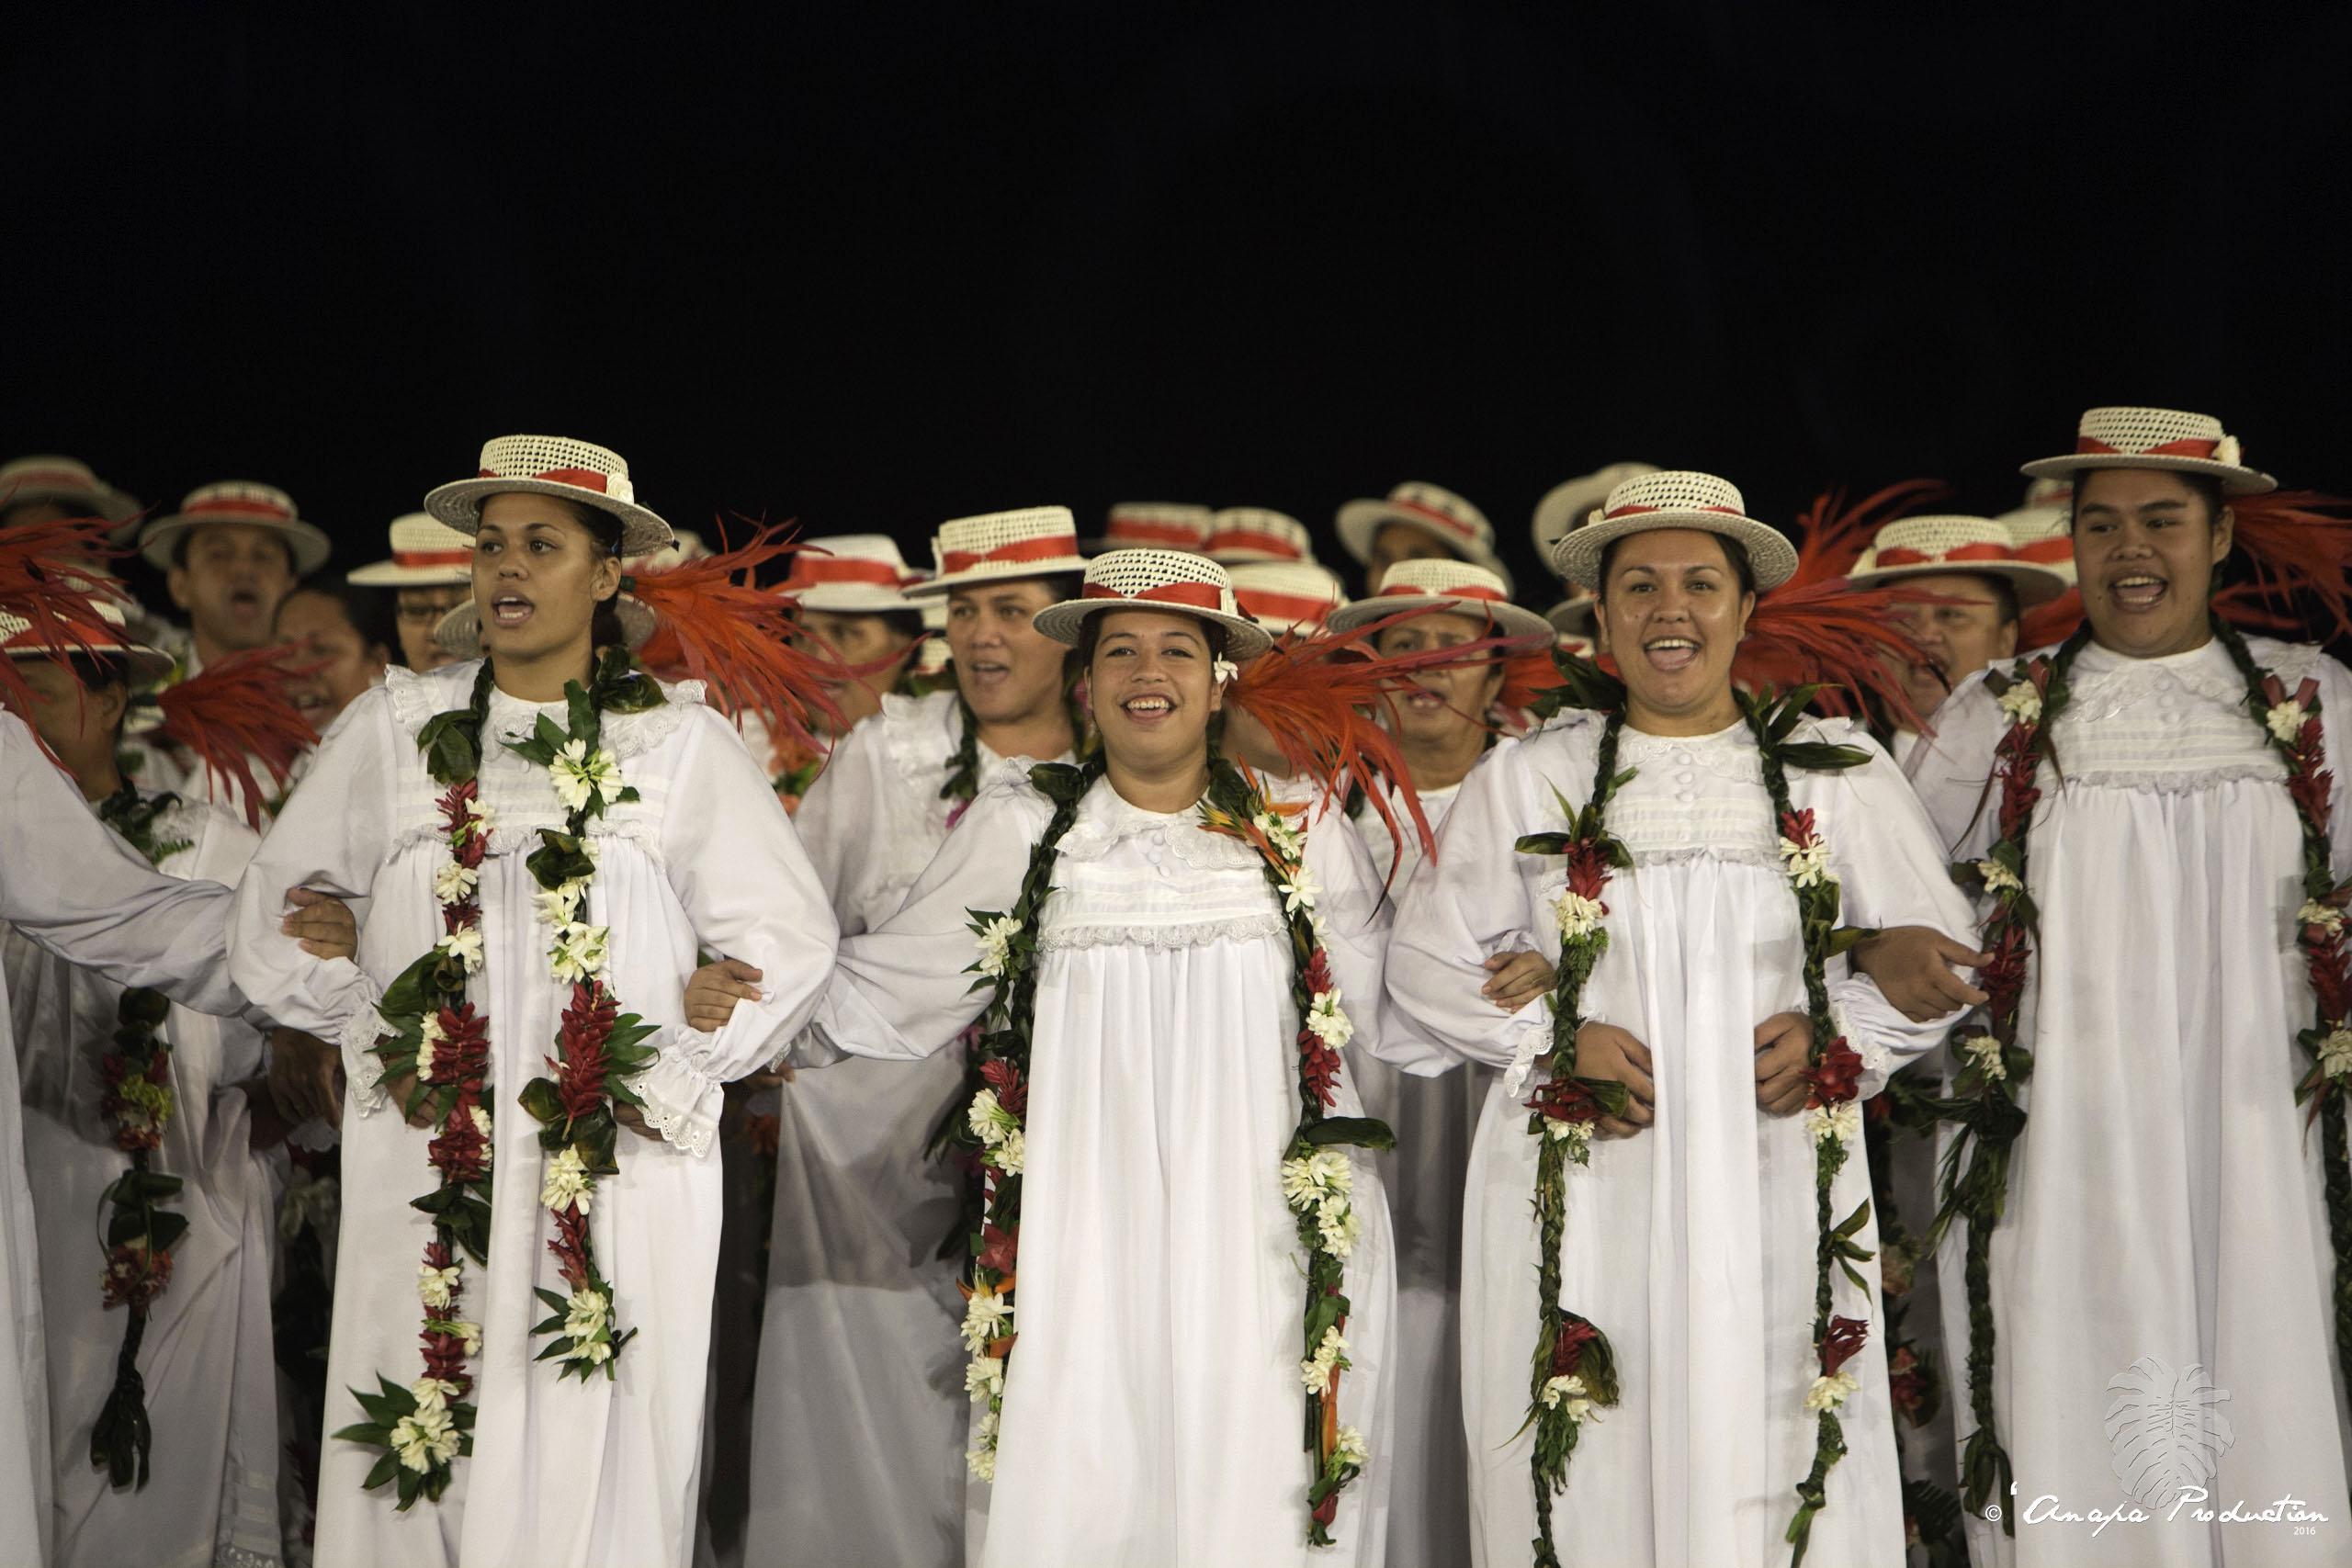 Le groupe de chants Te Pape Ora no Papofai a gagné en 2016 dans la catégorie Tārava Raromatai.